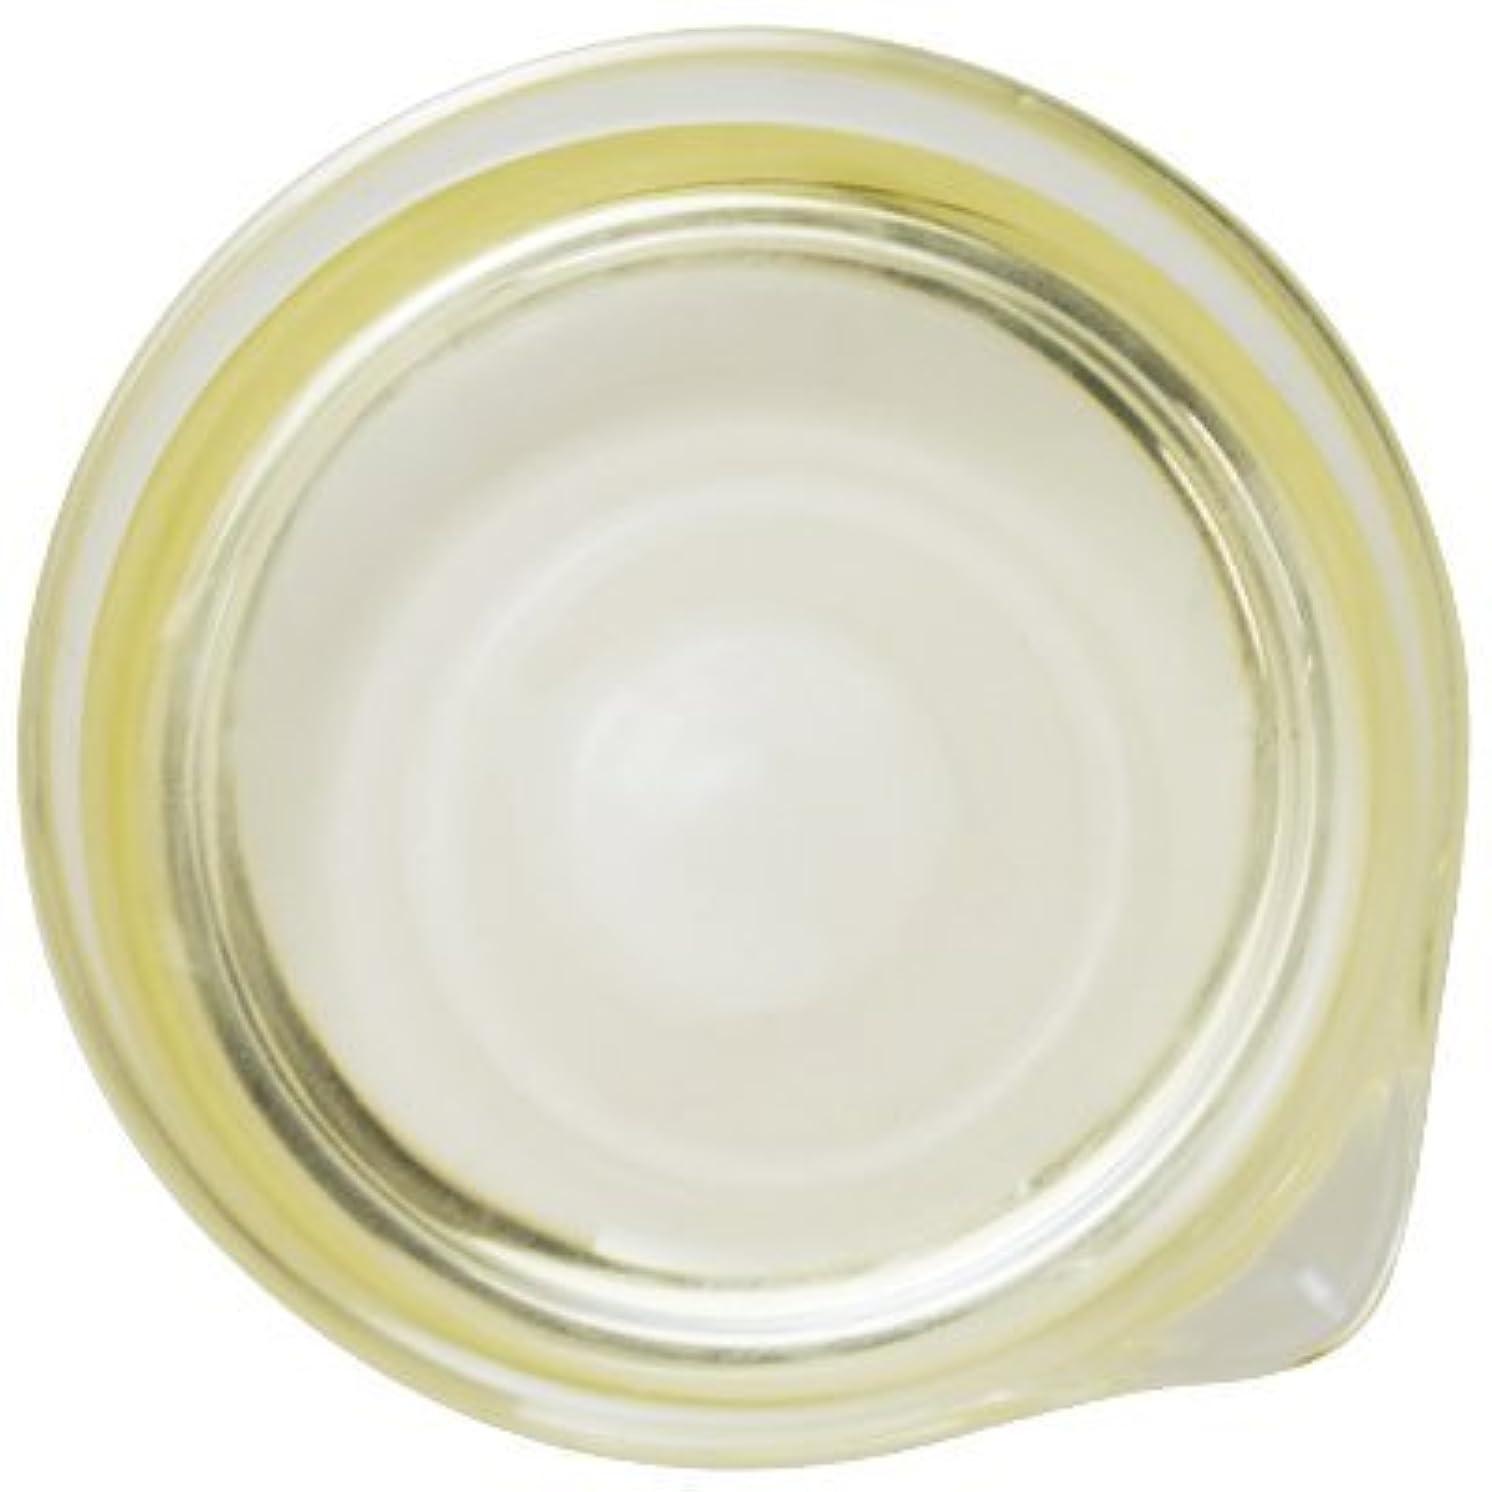 化学サージキャロラインセサミオイル 50ml [白ごま油]【手作り石鹸/手作りコスメ/ごま油】【birth】